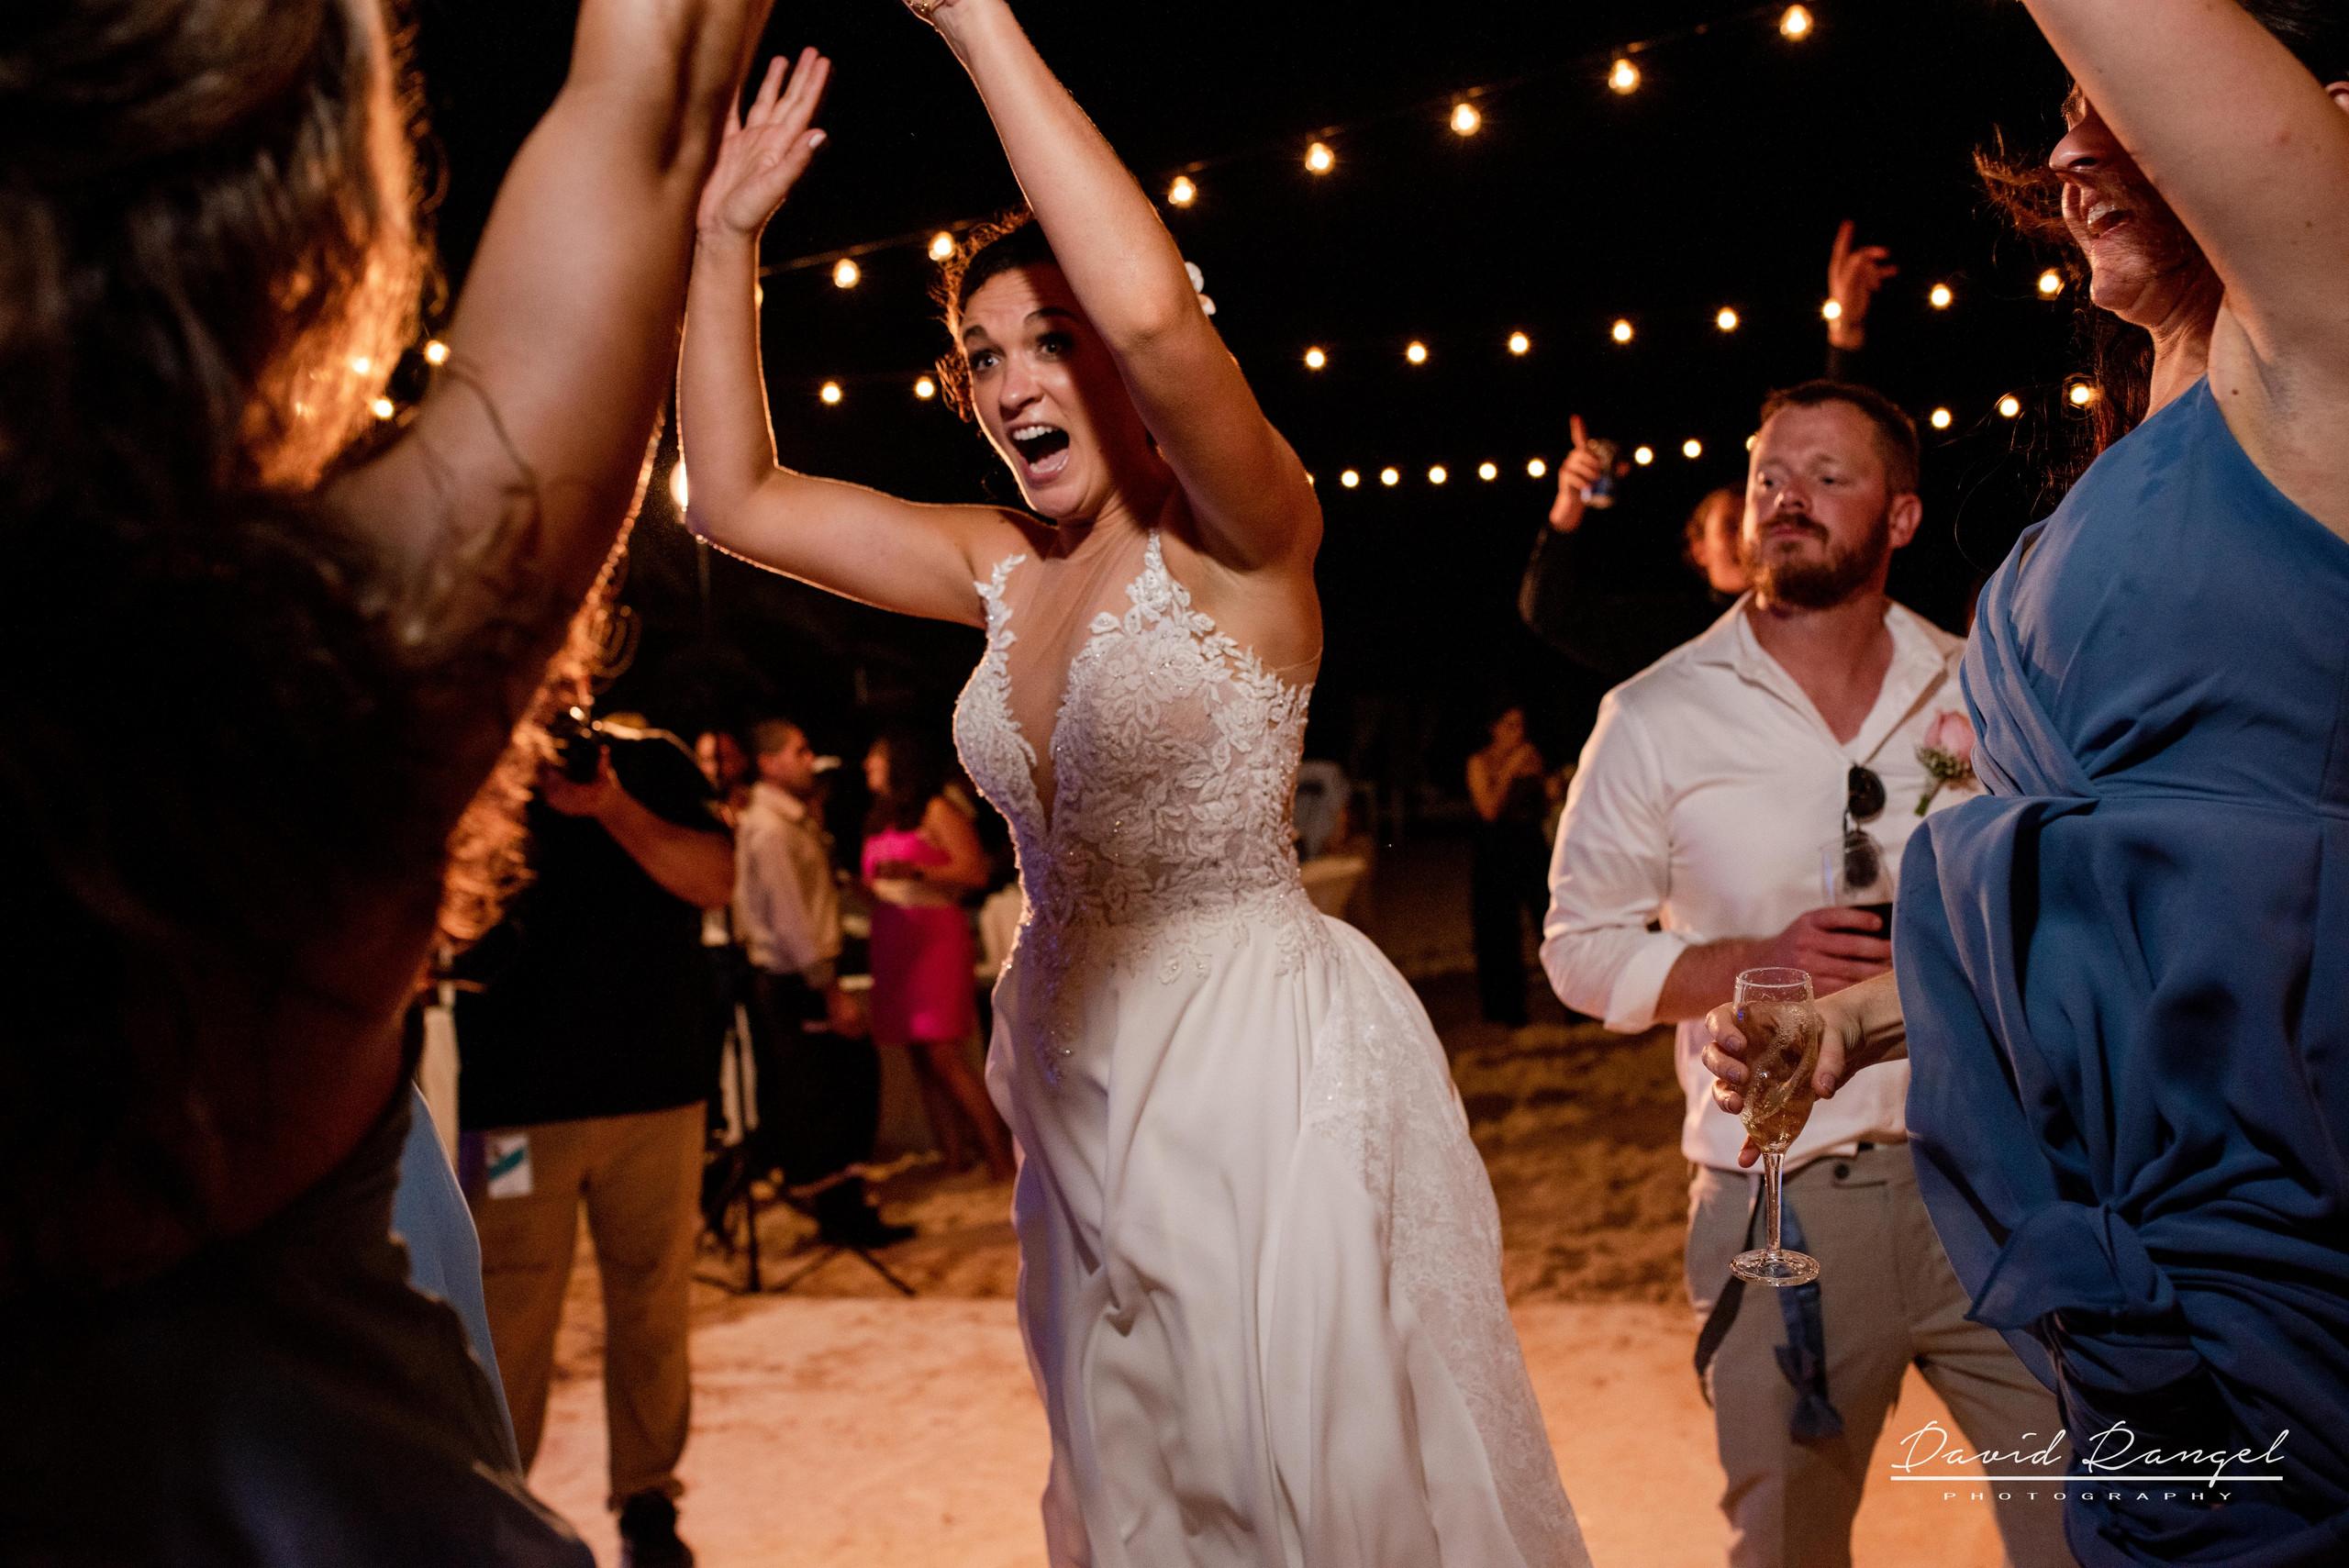 wedding+dance+party+guest+happy+reception+bride